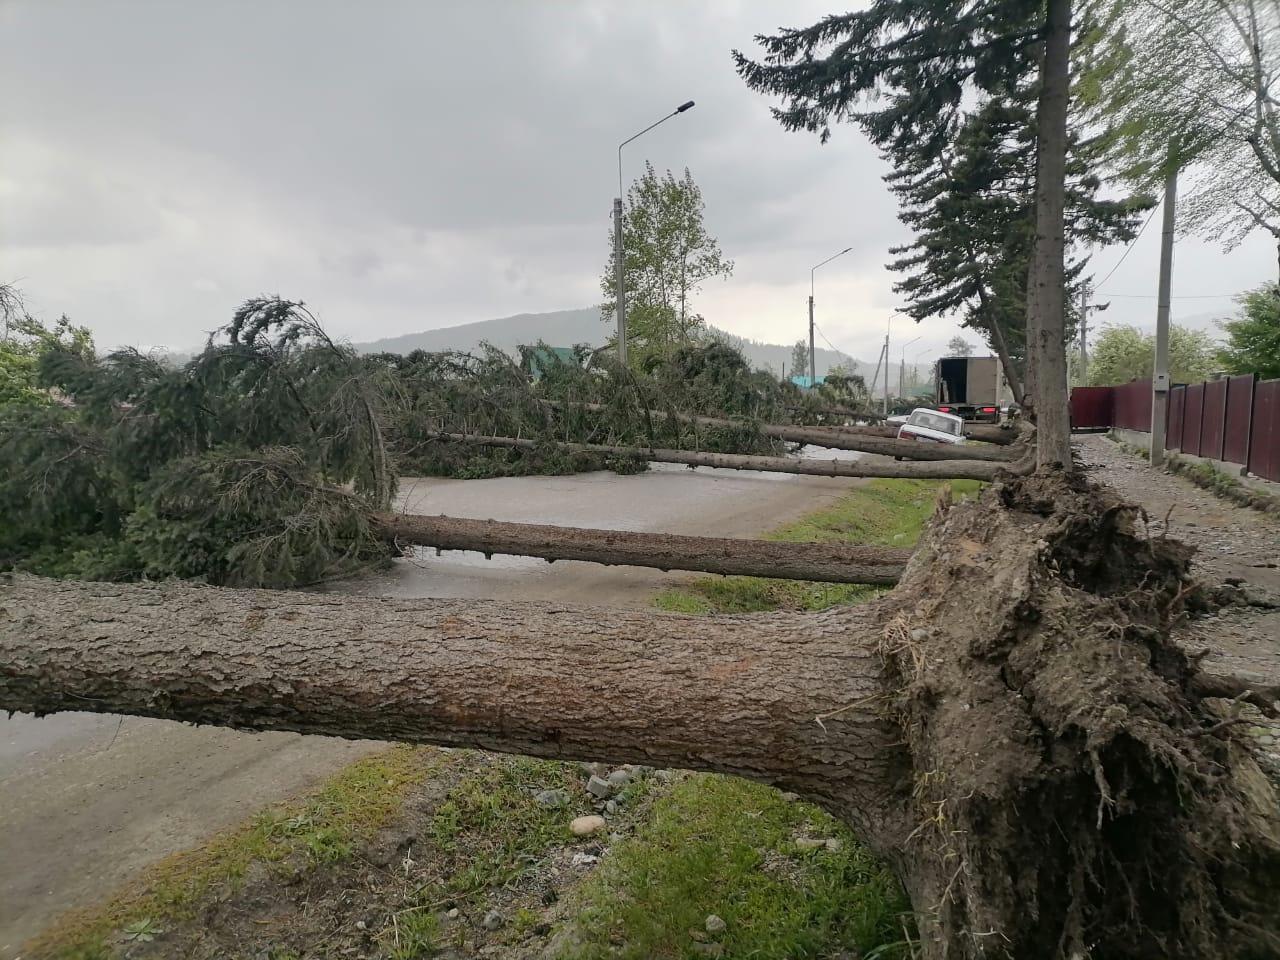 Ураганный ветер уложил аллею деревьев дорогу алтайском селе